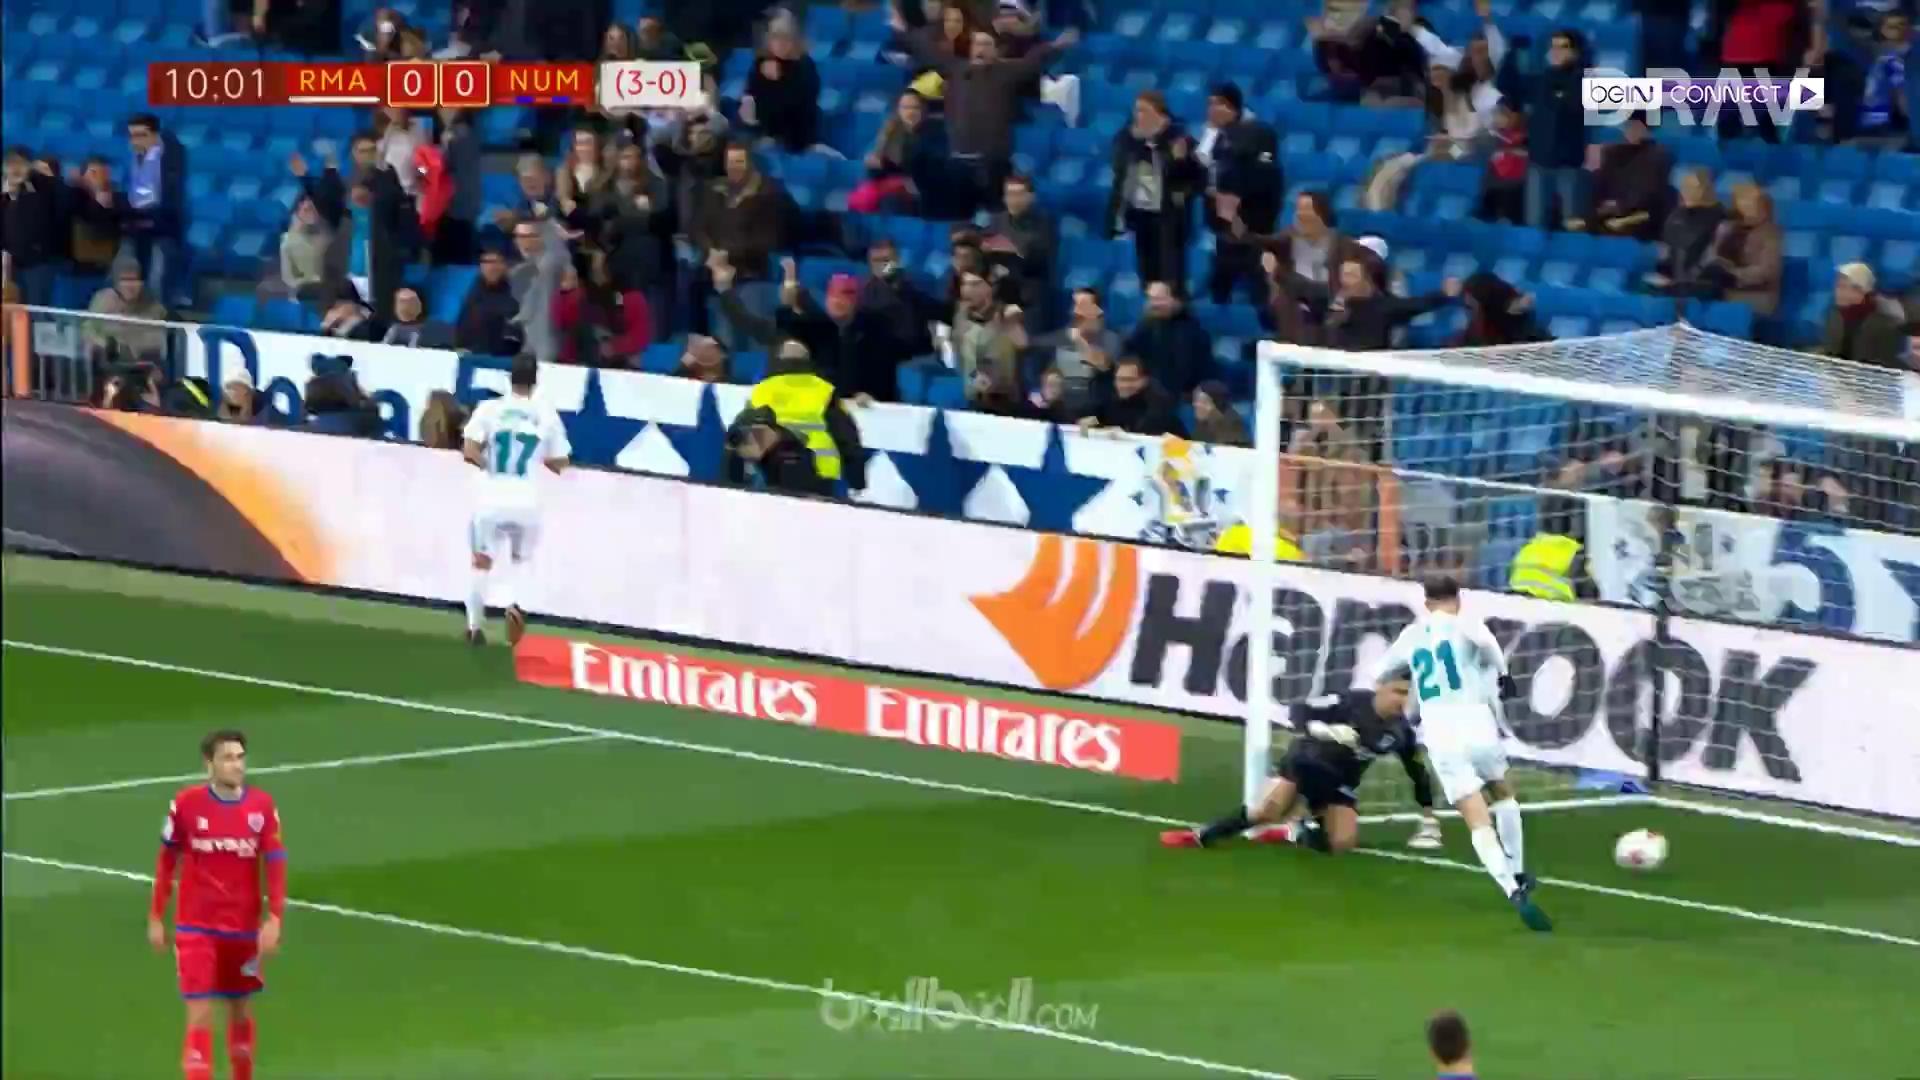 Real Madrid 2-2 Numancia